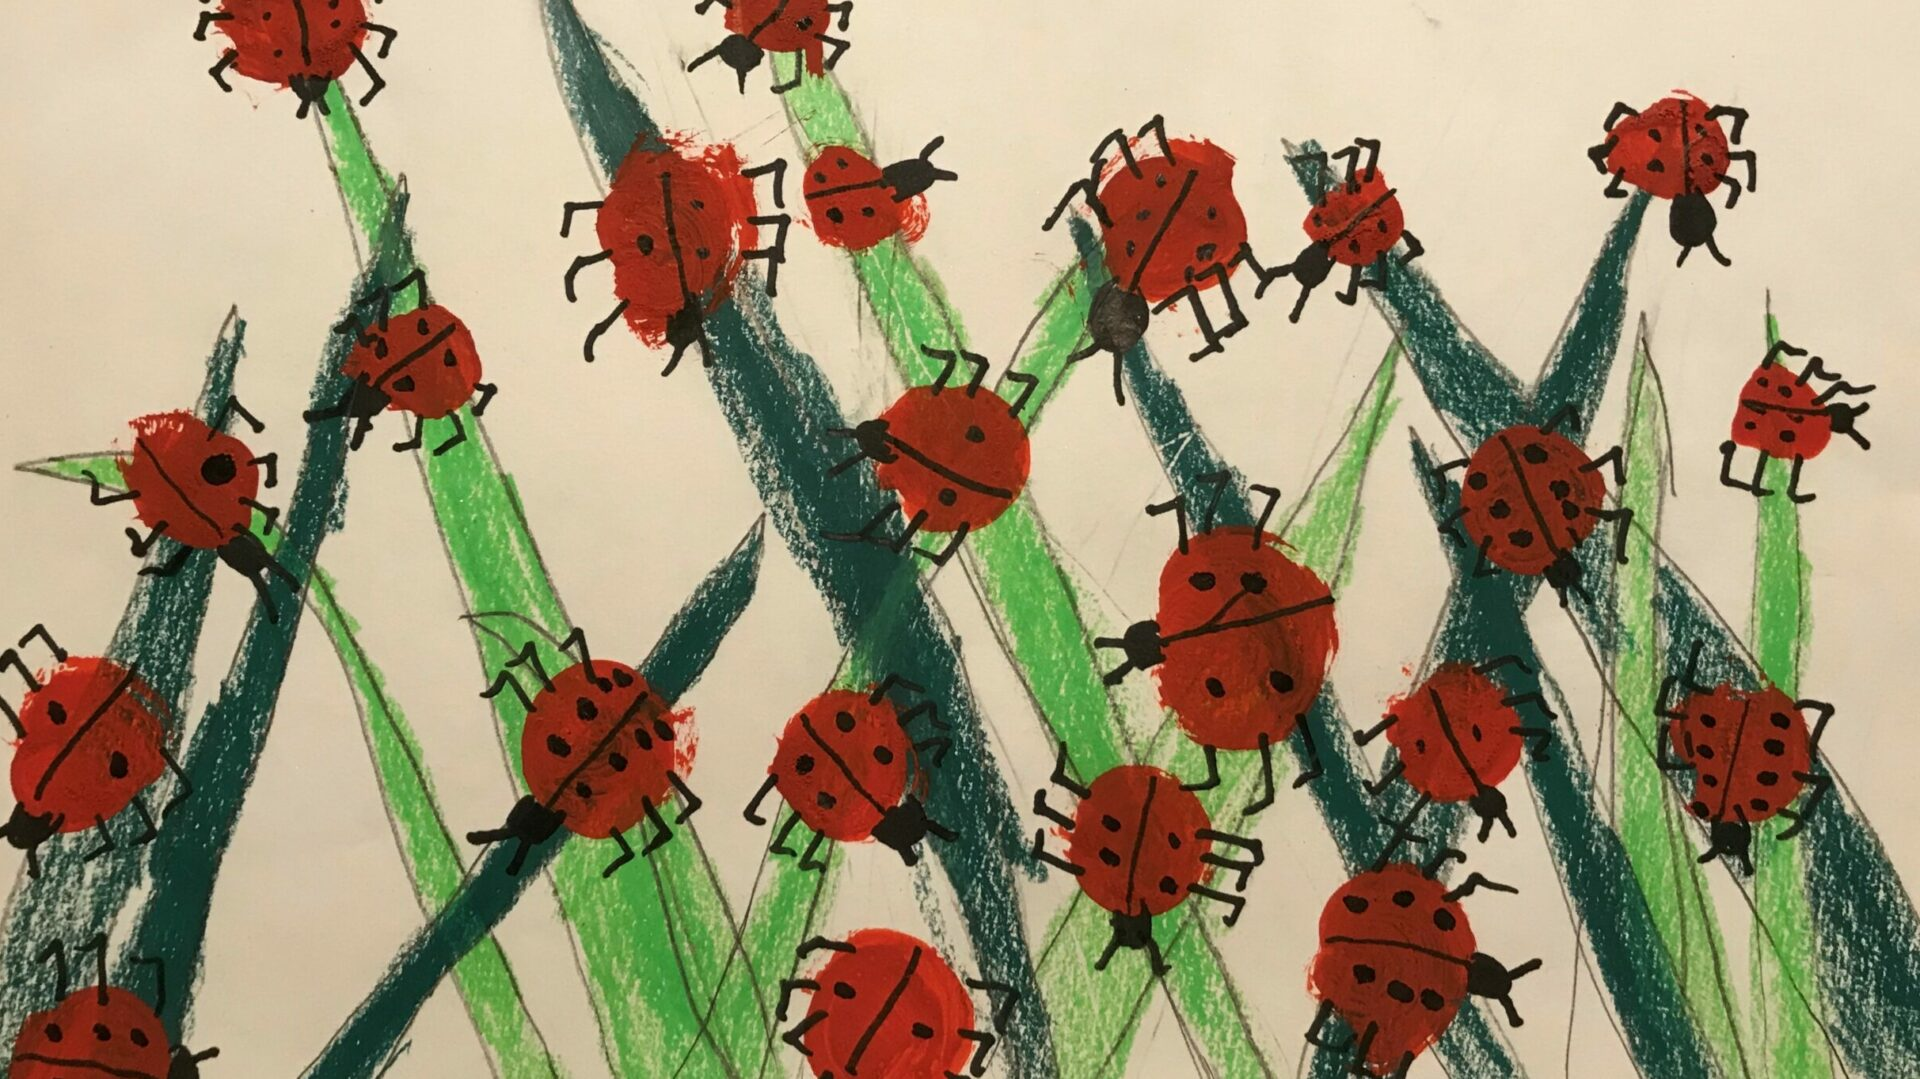 Die Glückskäfer von Eleni Schürch, 9 Jahre, sollen im Alterszentrums St. Bernhard in Wettingen Freude verbreiten.   © Marie-Christine Andres